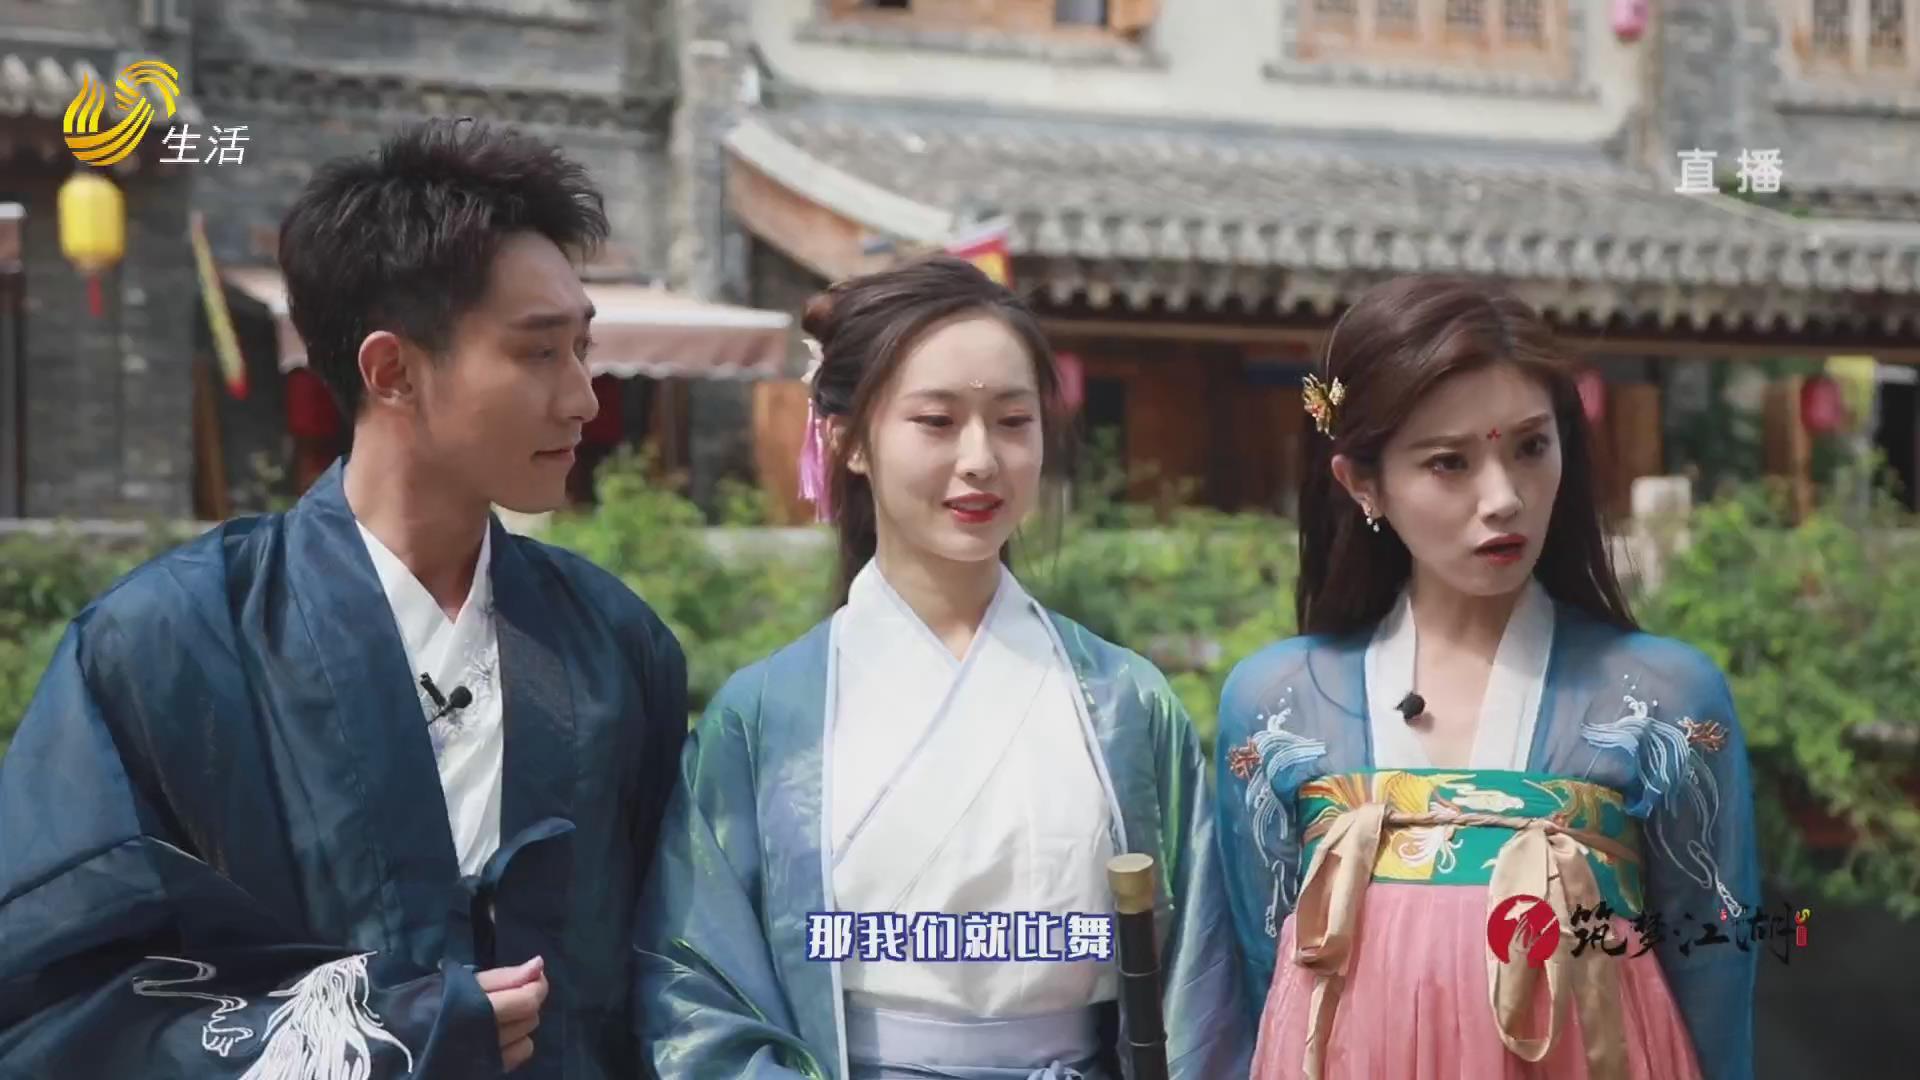 20201020筑梦江湖之盛唐侠影1